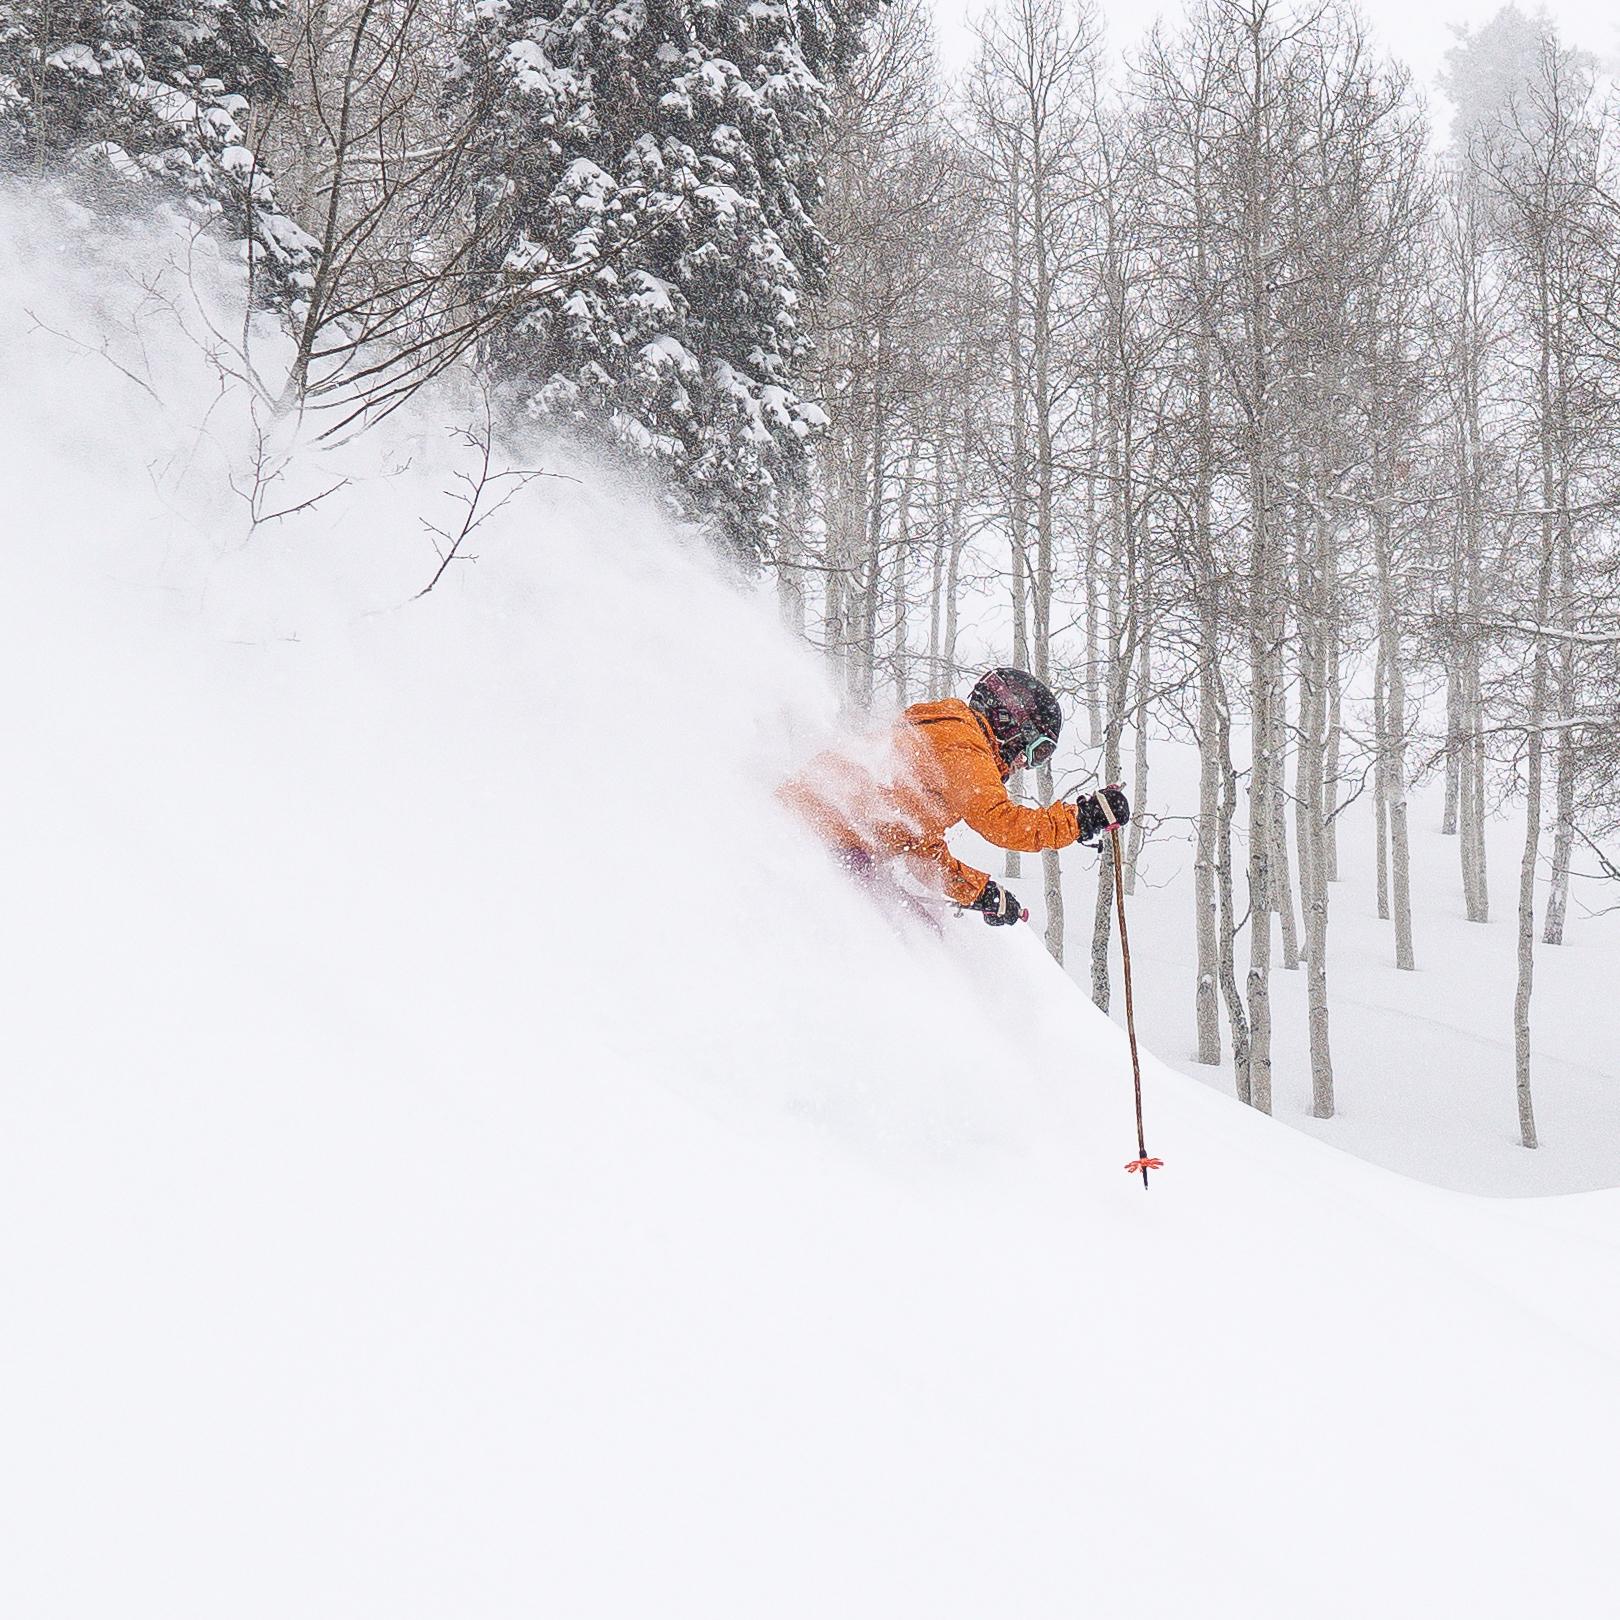 WinterSkiing-01-8.jpg